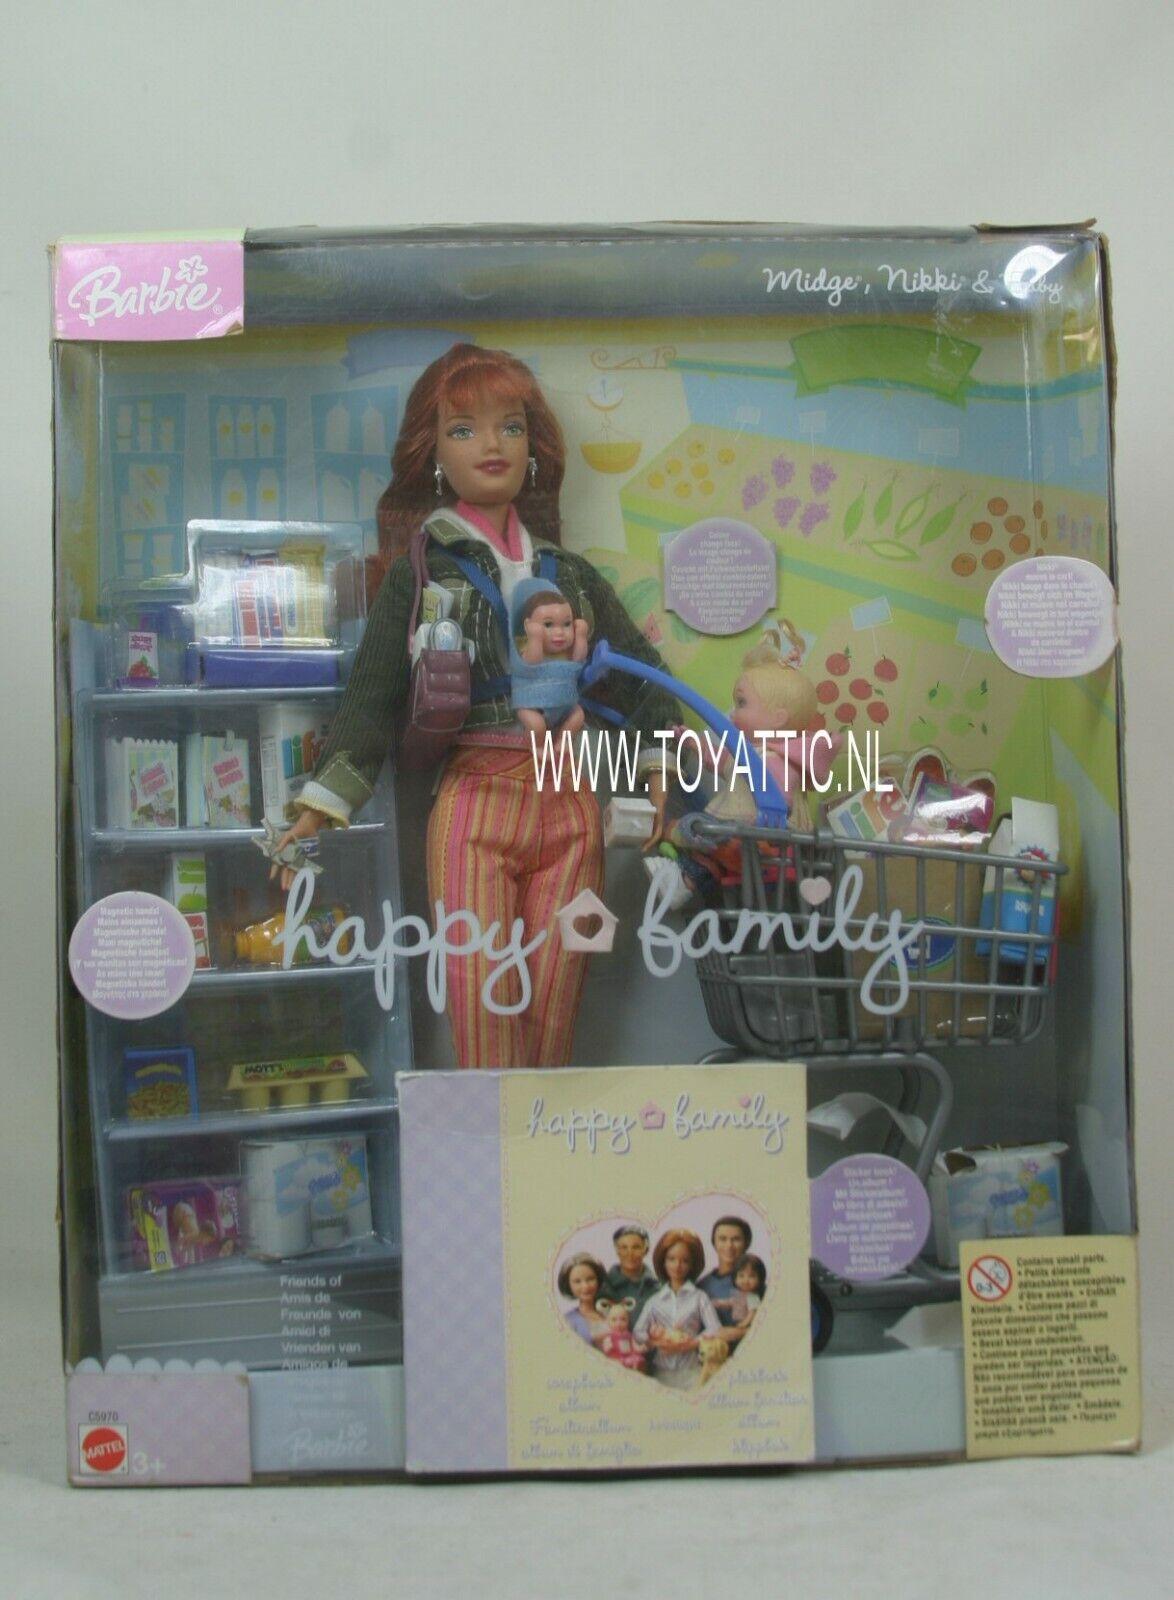 Cecidomia de la familia feliz de Barbie Nikki y bebé ir de compras Conjunto de Regalo Mattel c5970 nunca quitado de la caja